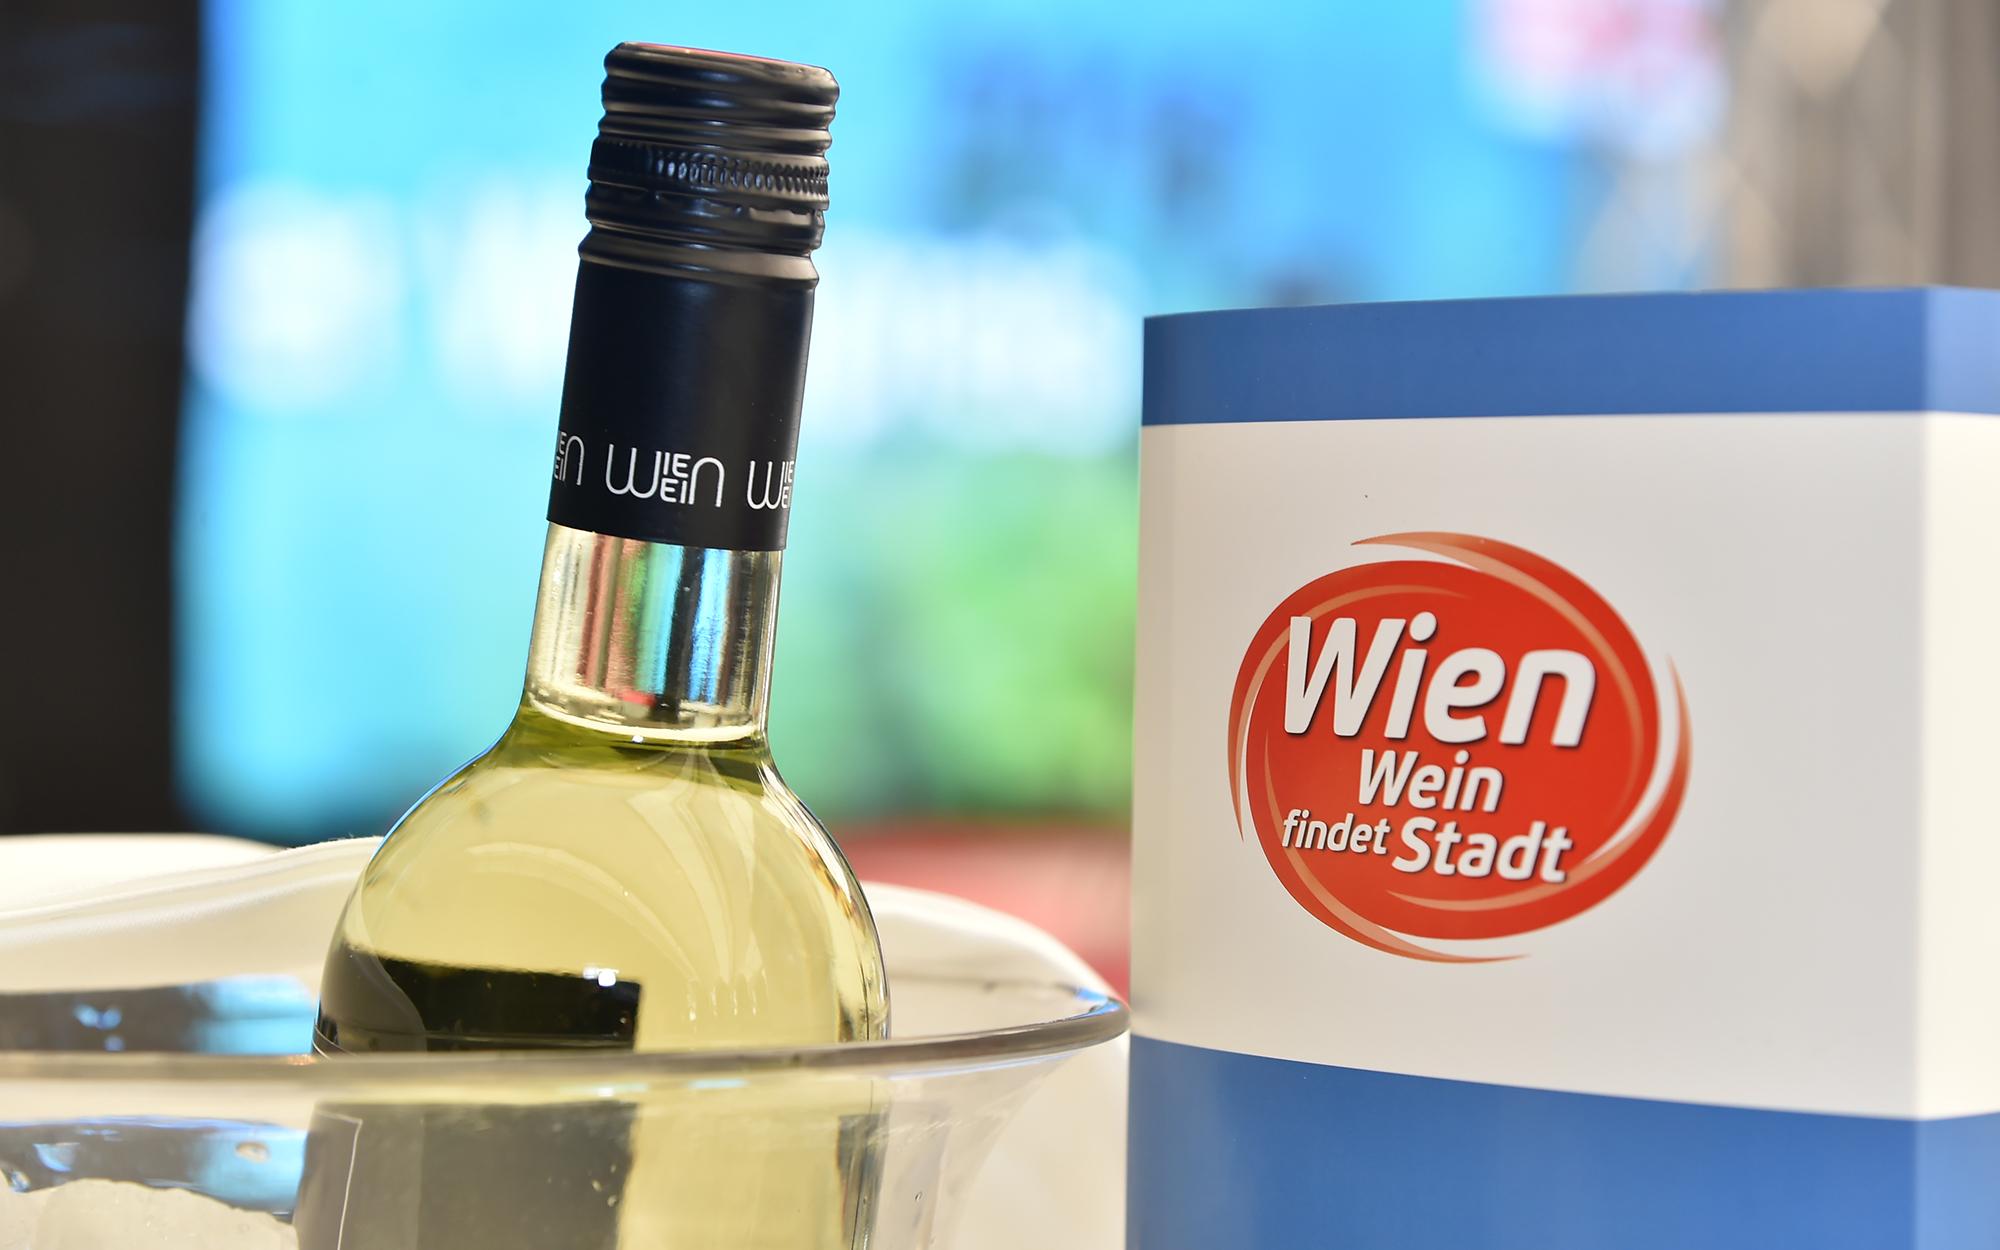 Eine noch ungeöffnete Weinflasche